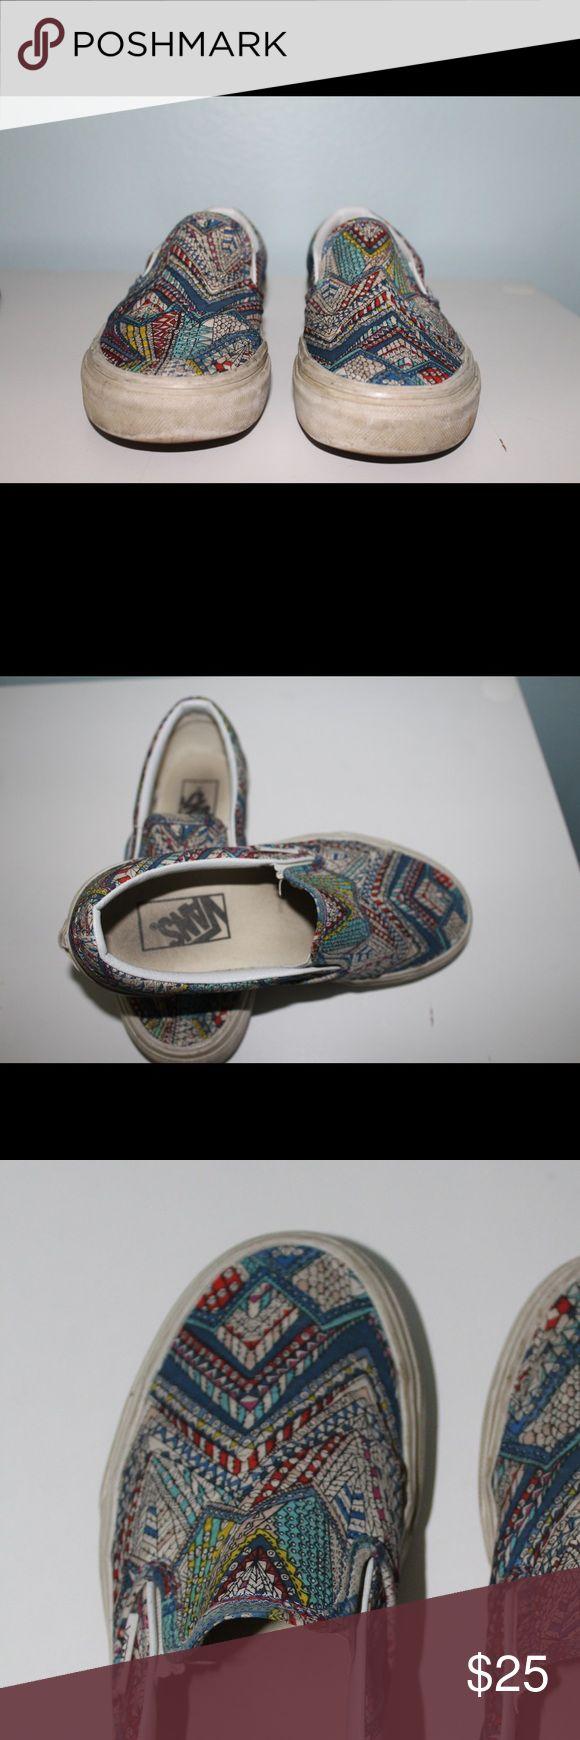 ❌On sale until midnight ❌Multicolor slip on vans! Multicolor slip on vans! Size 3.5 in Men and 5 in women Vans Shoes Sneakers